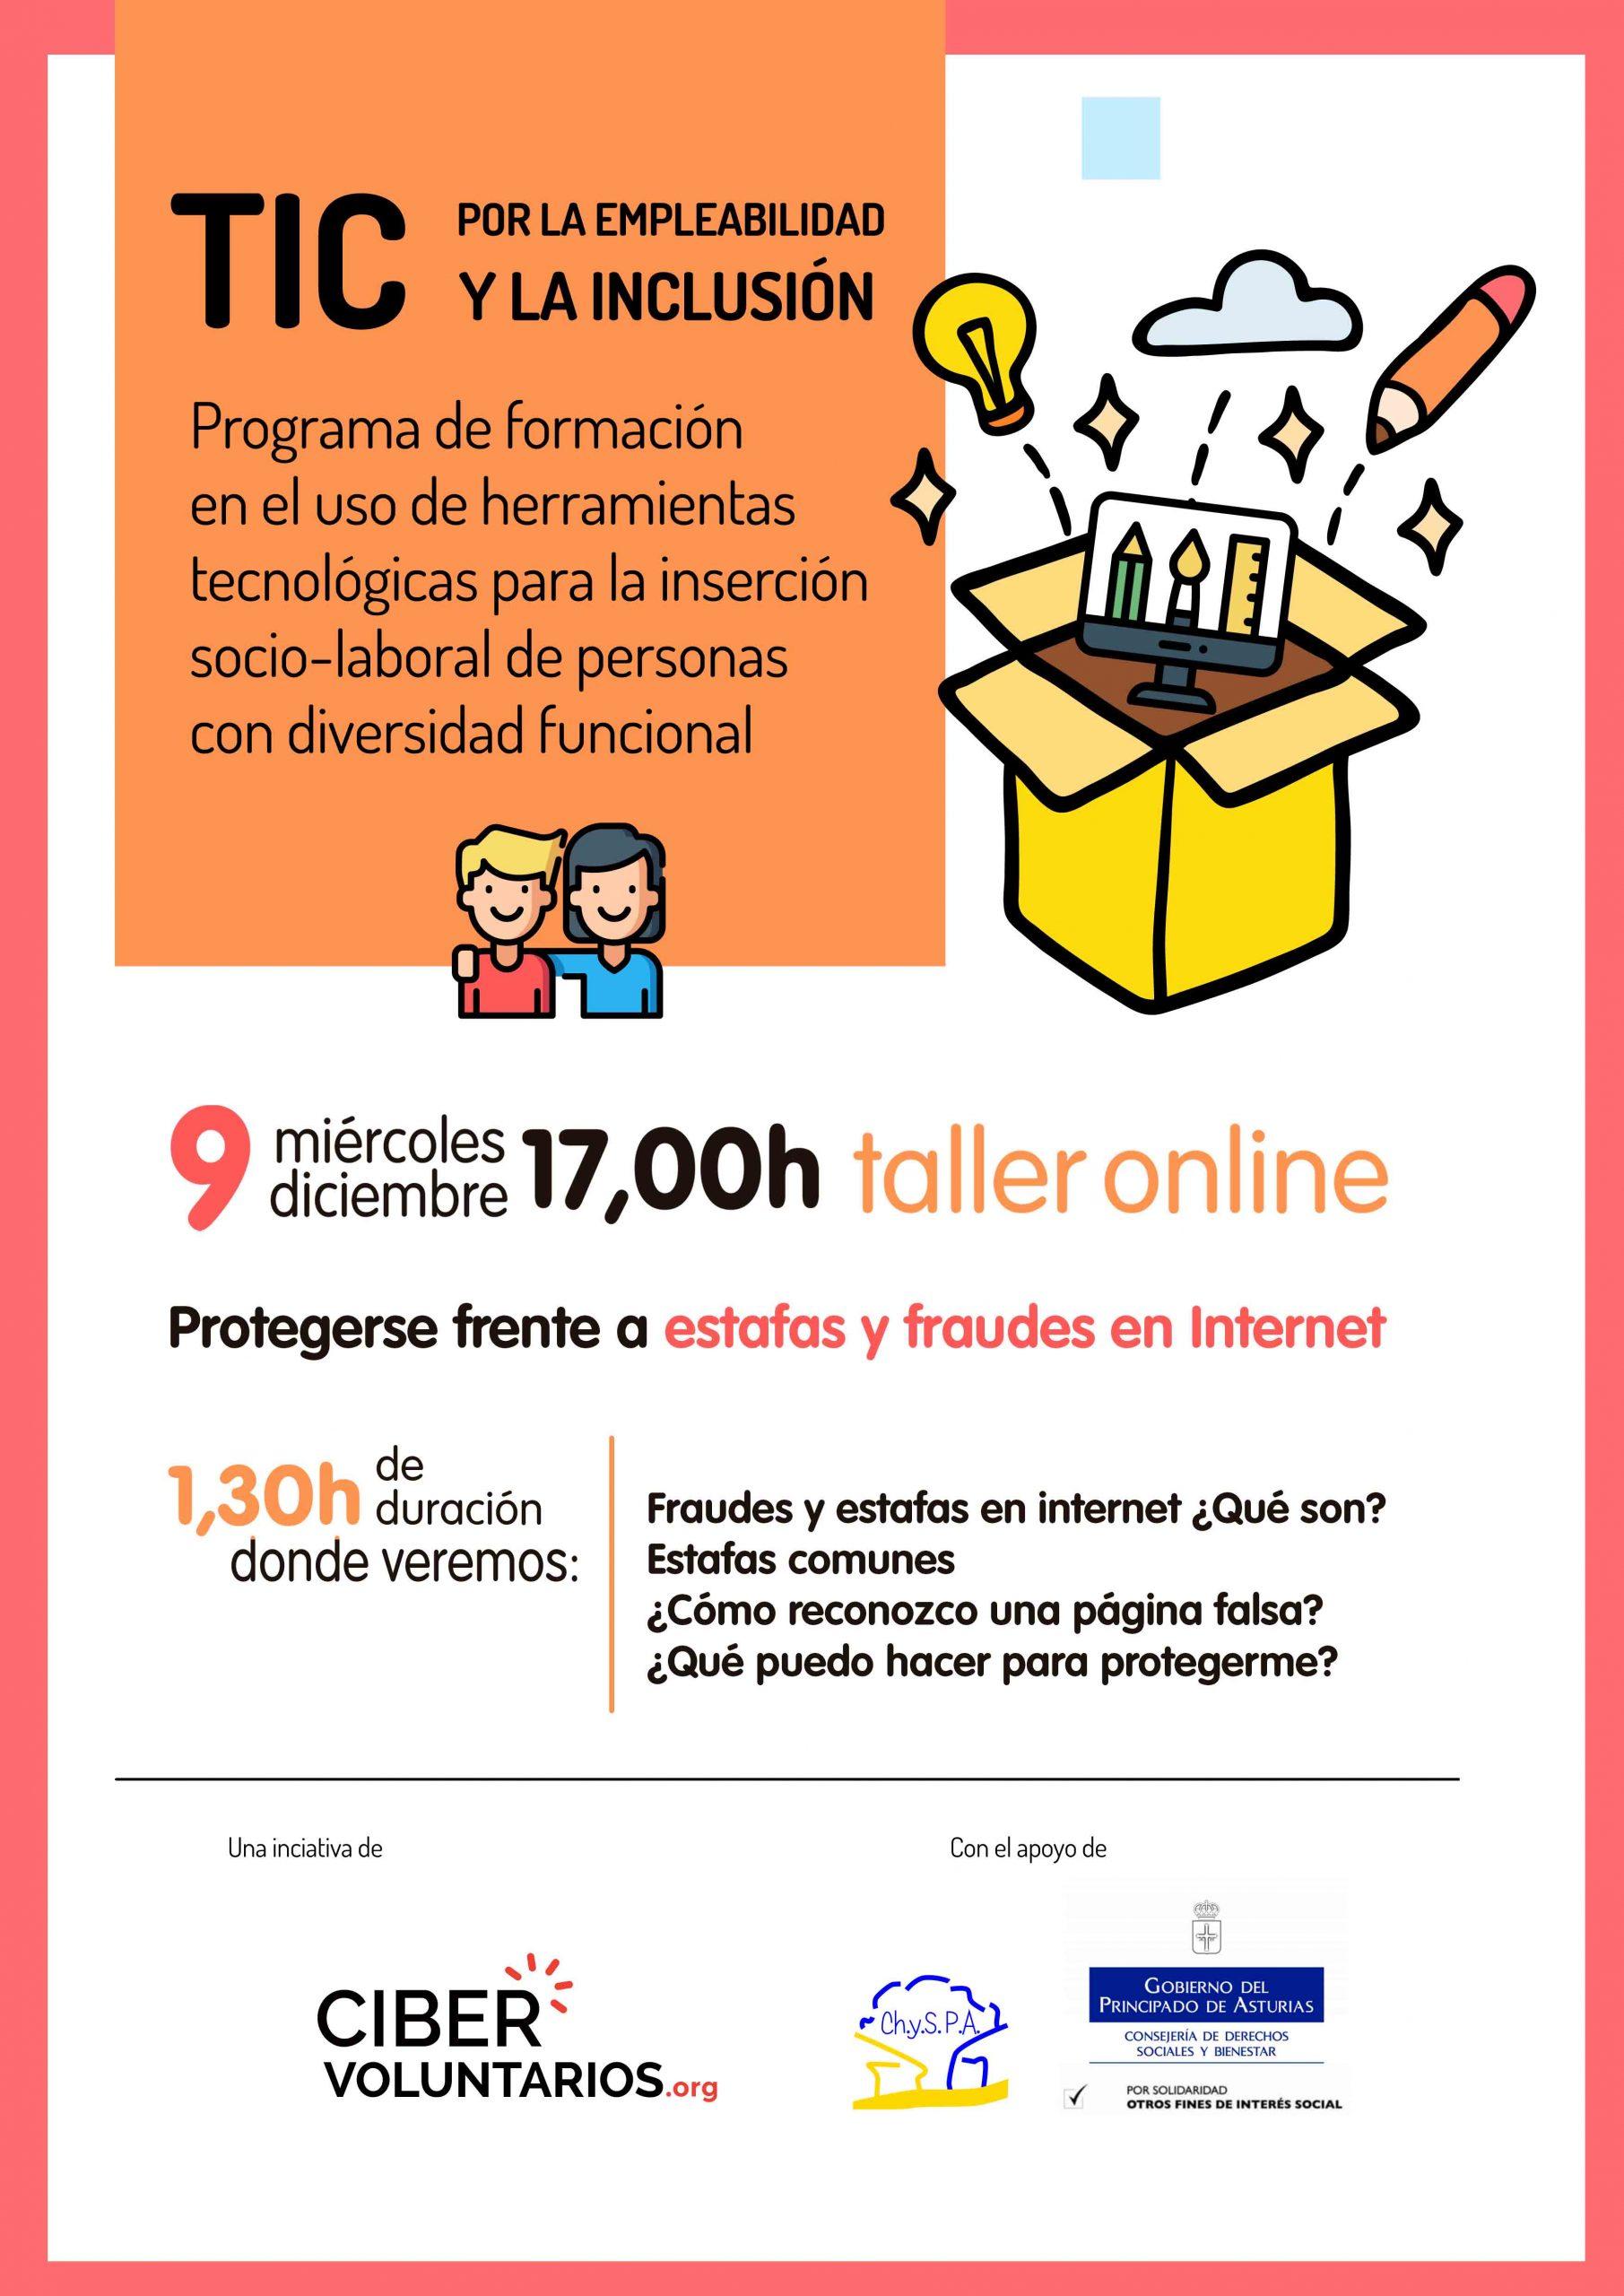 TIC Taller online